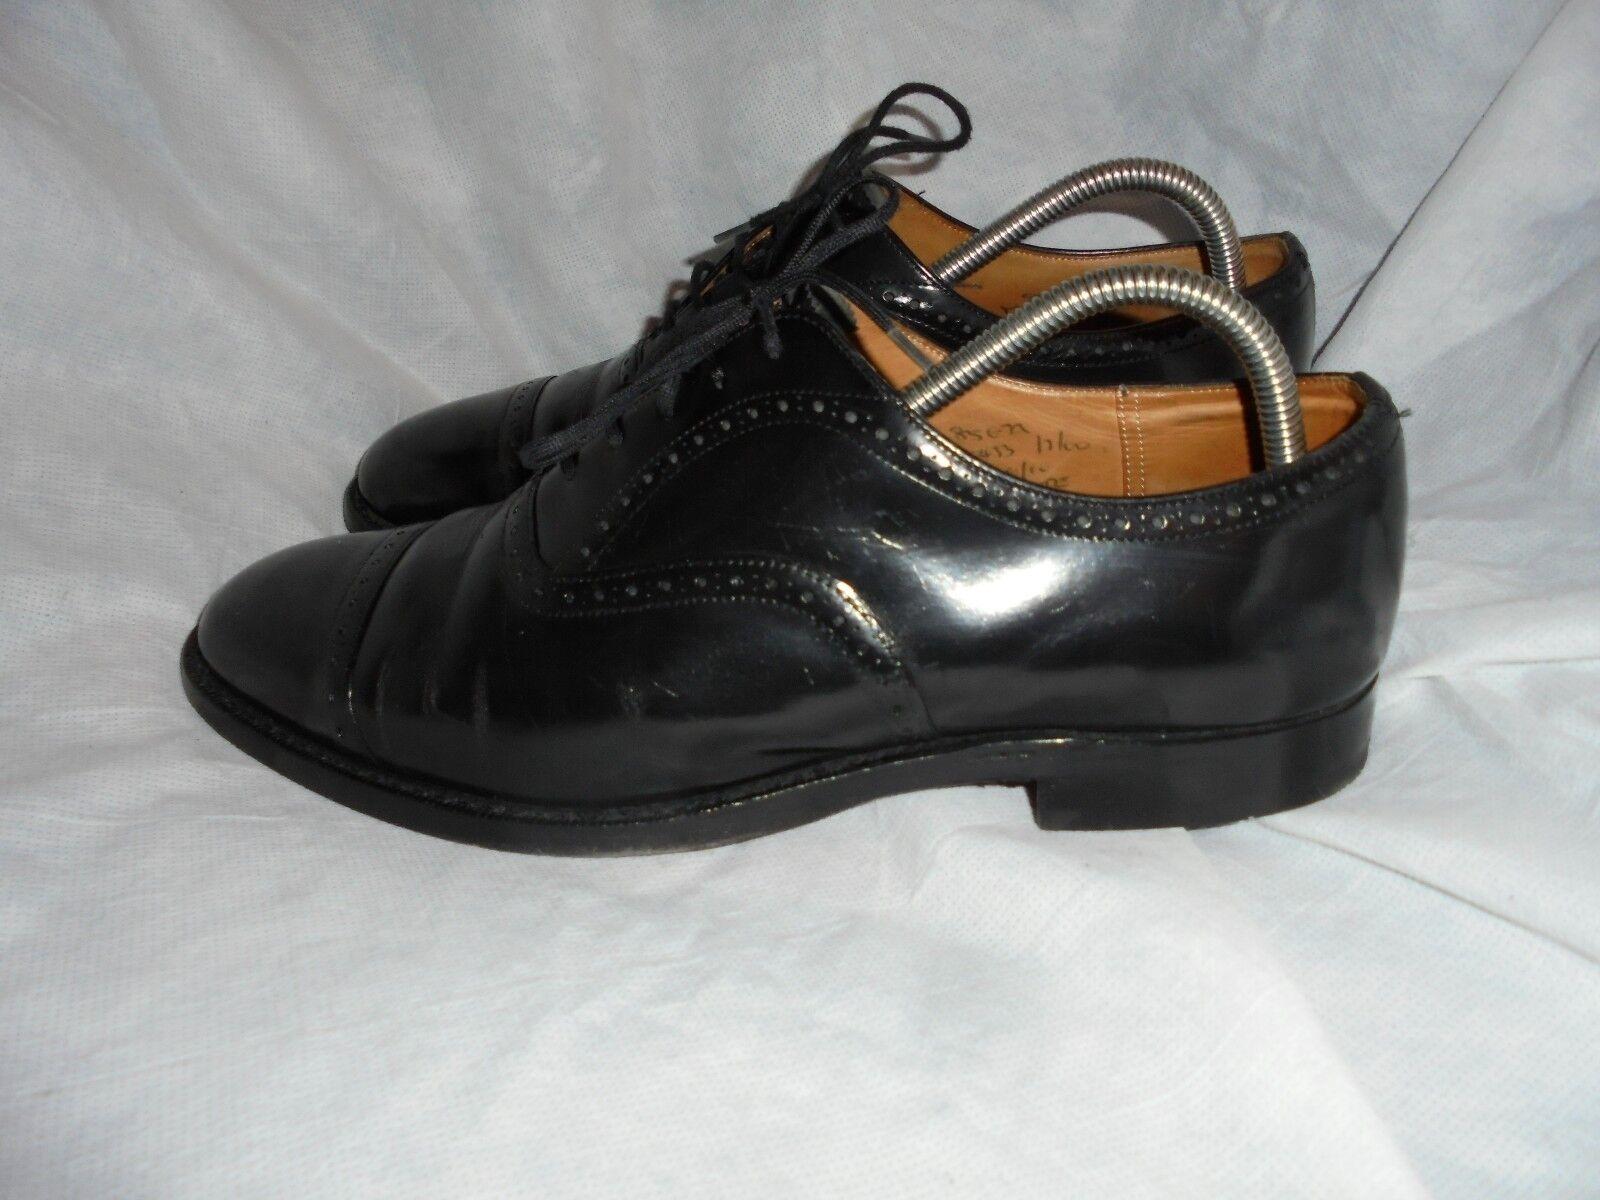 Church's Para hombres Cuero Negro Encaje Hasta Puntera Zapatos Talla en muy buena condición